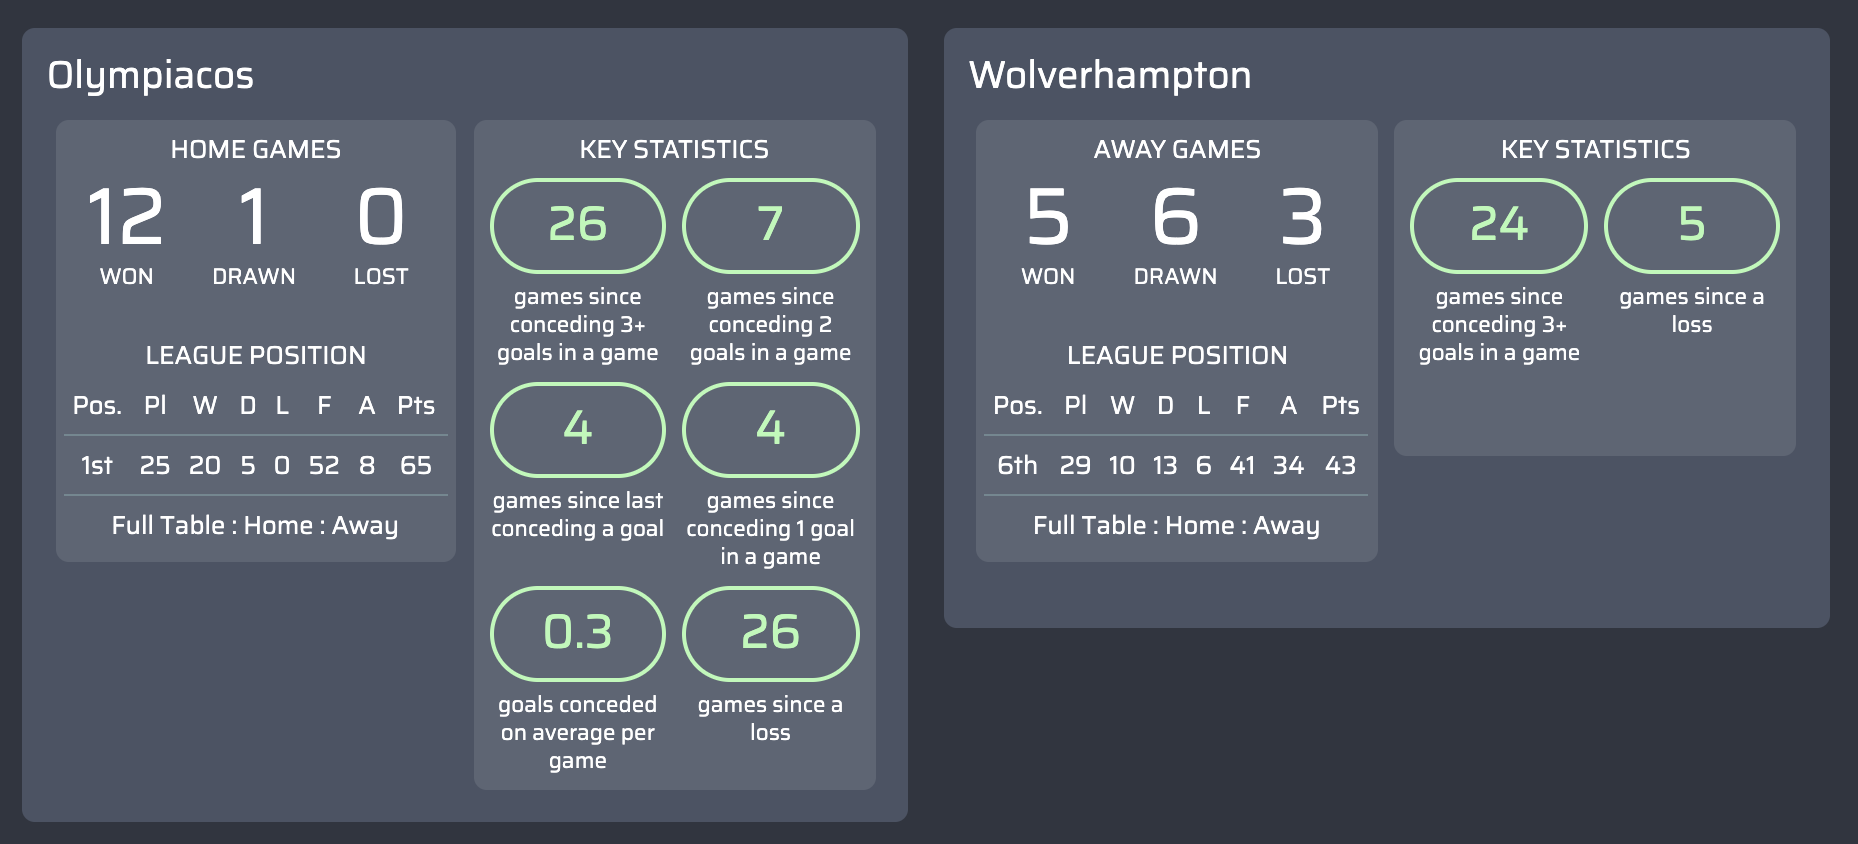 máy tính dự đoán Olympiacos v Wolverhampton